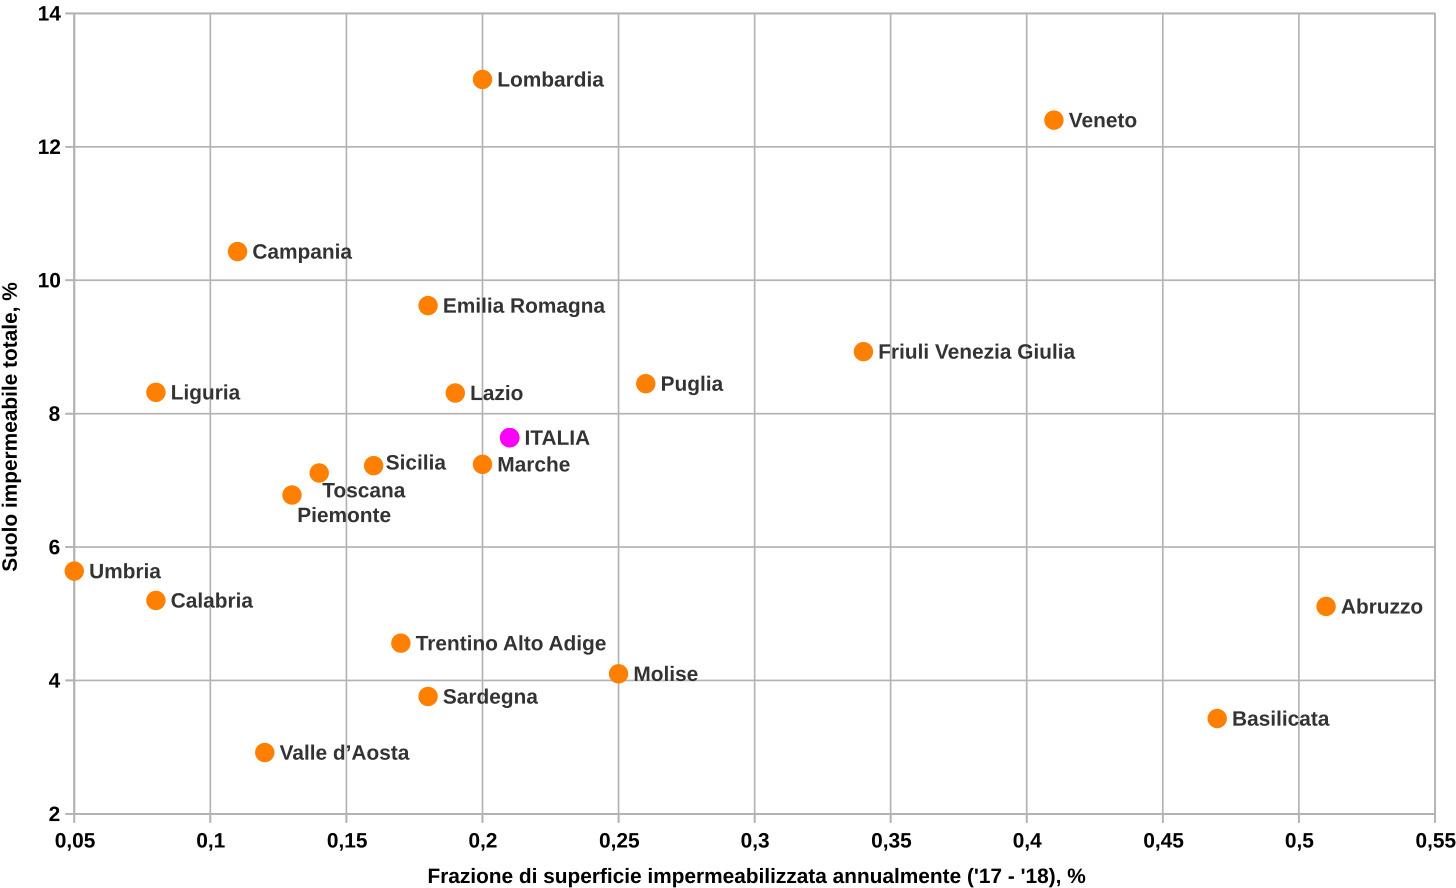 Suolo impermeabilizzato nelle regioni italiane, percentuale totale e variazione annua 2017 2018